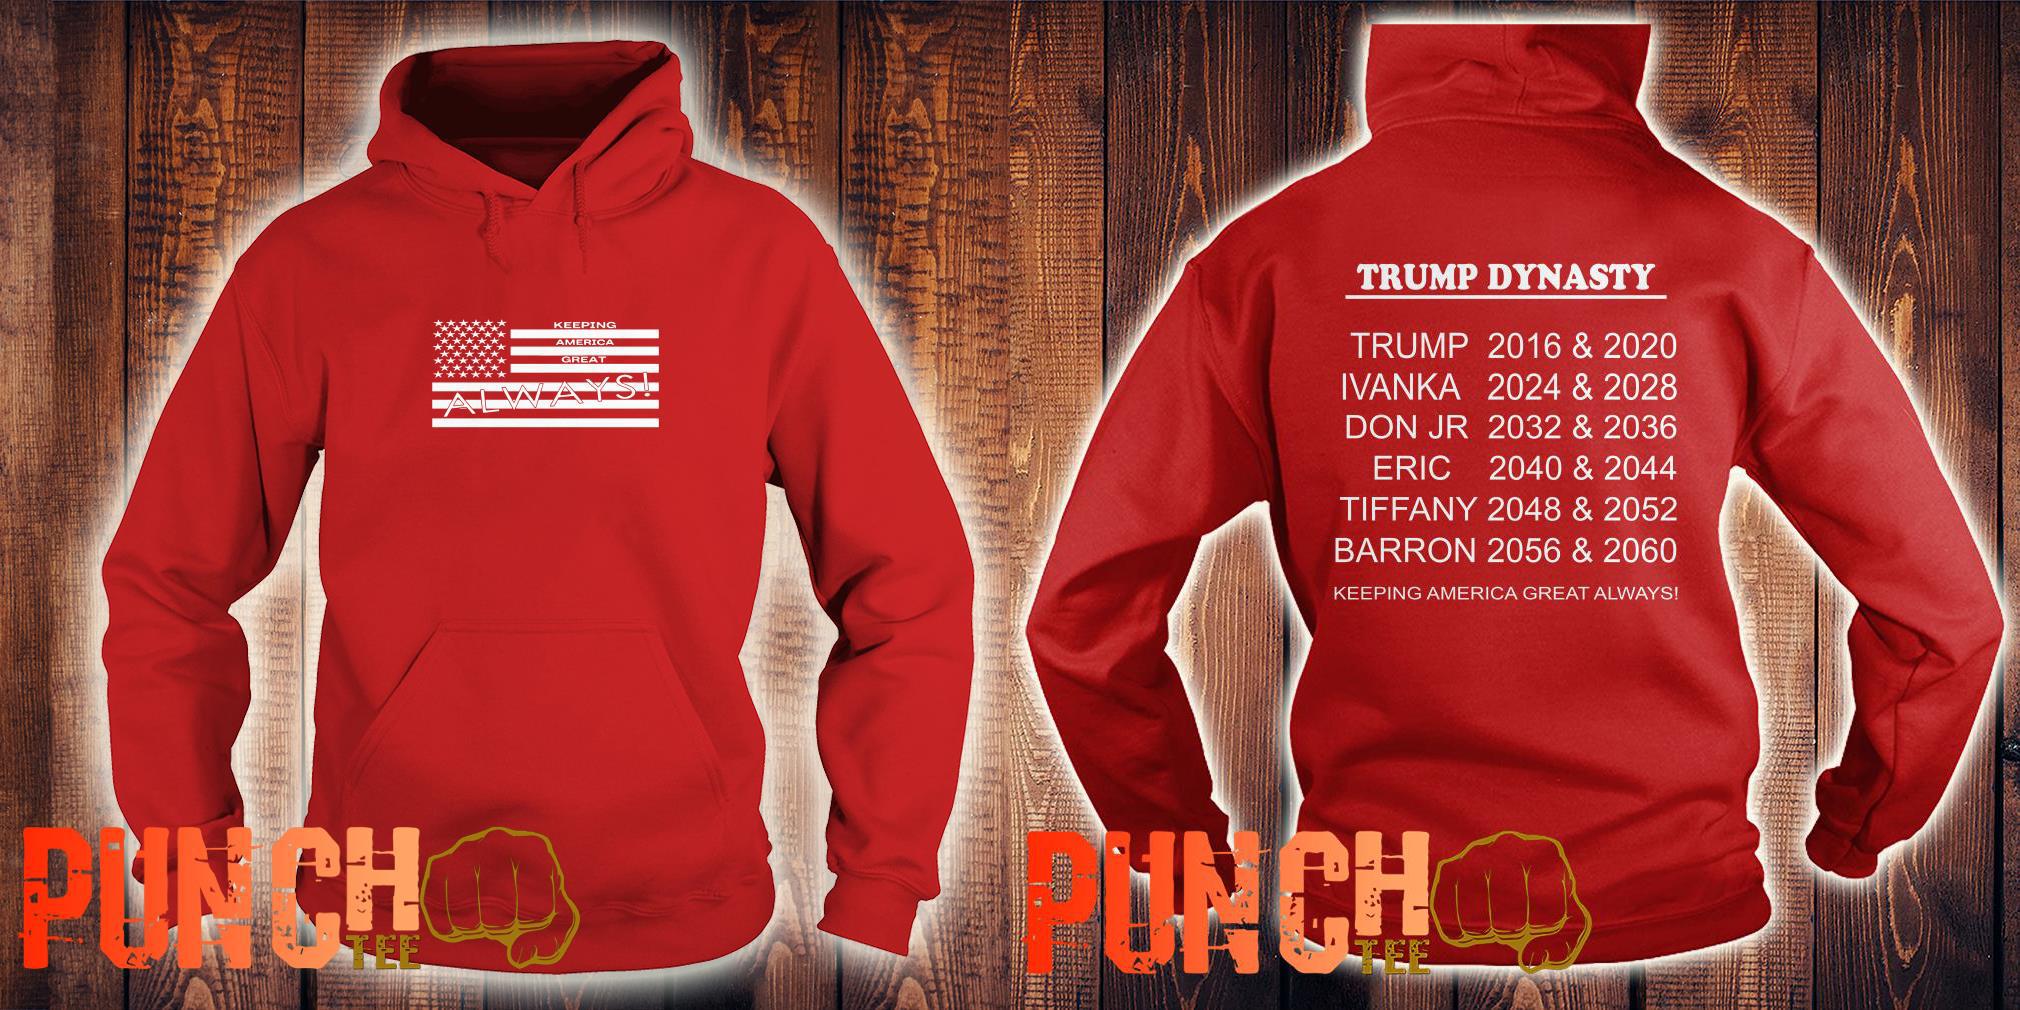 Keeping America Great Always Trump Dynasty Trump 2016 Ivanka 2024 hoodie